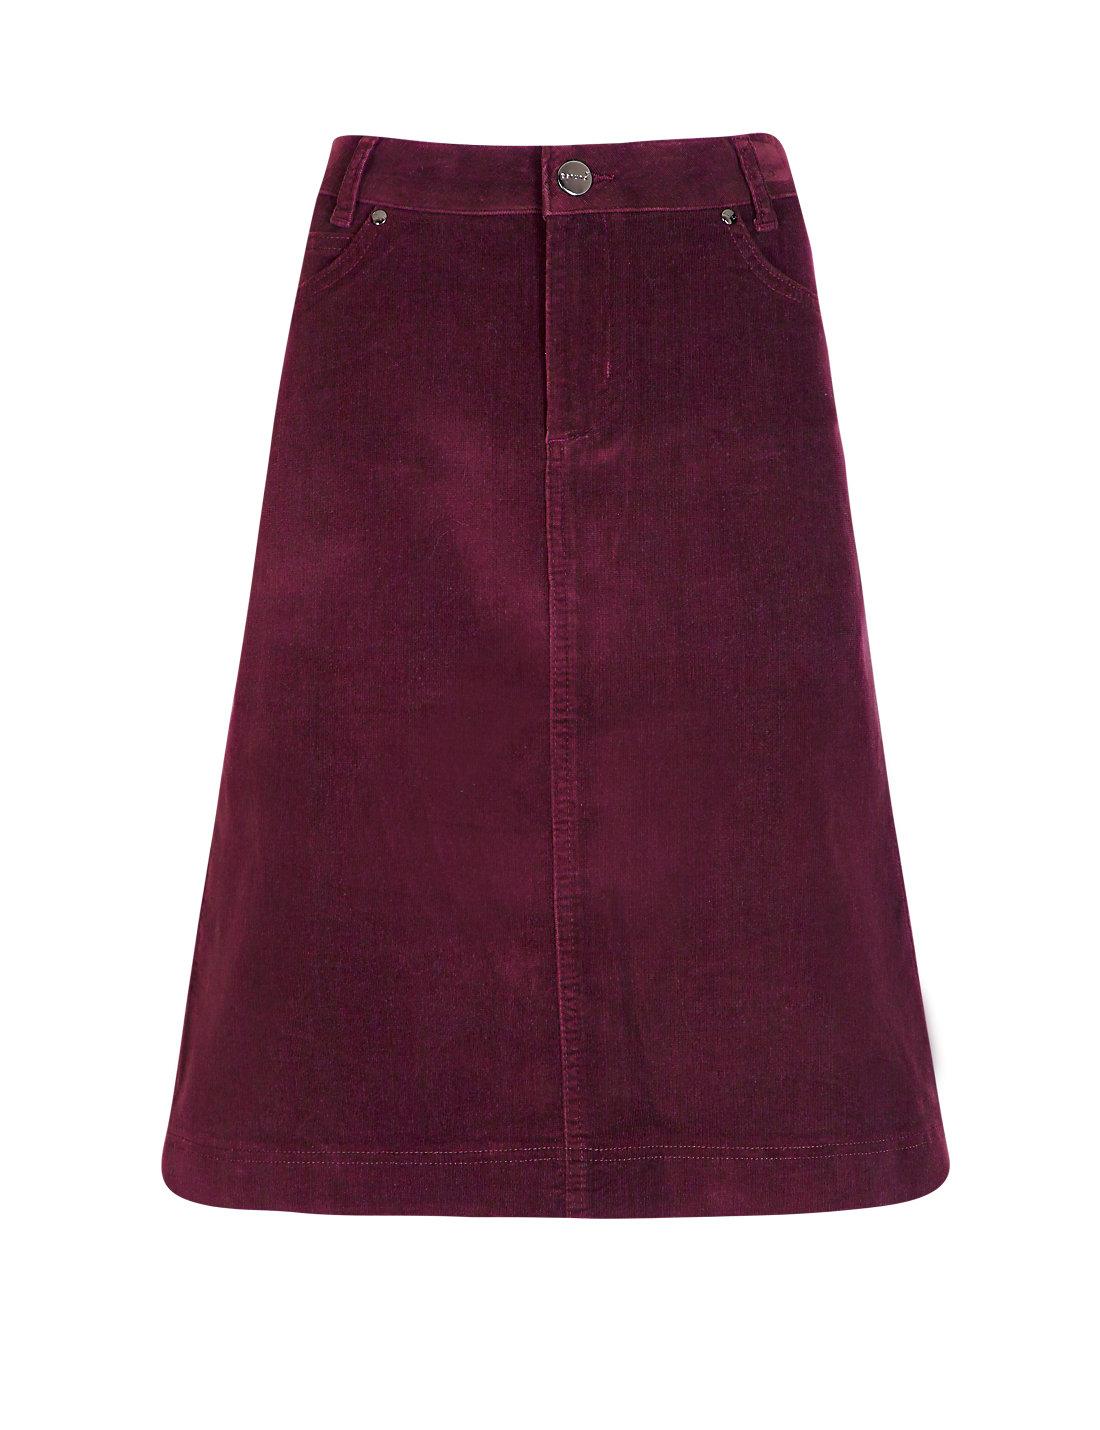 Cotton Rich Corduroy A-Line Skirt | M&S